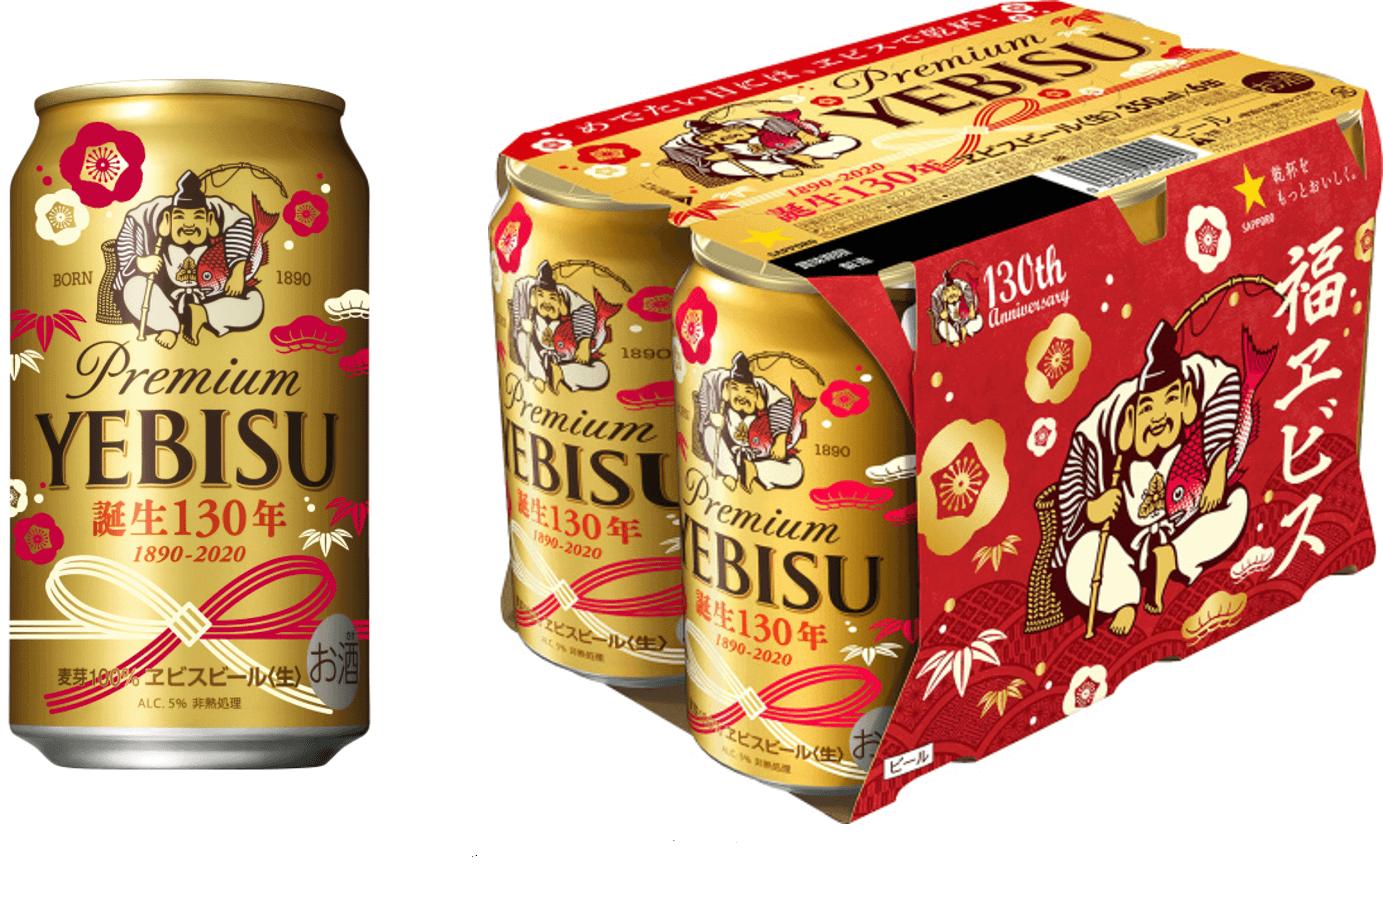 サッポロビール(株)の『福ヱビス』